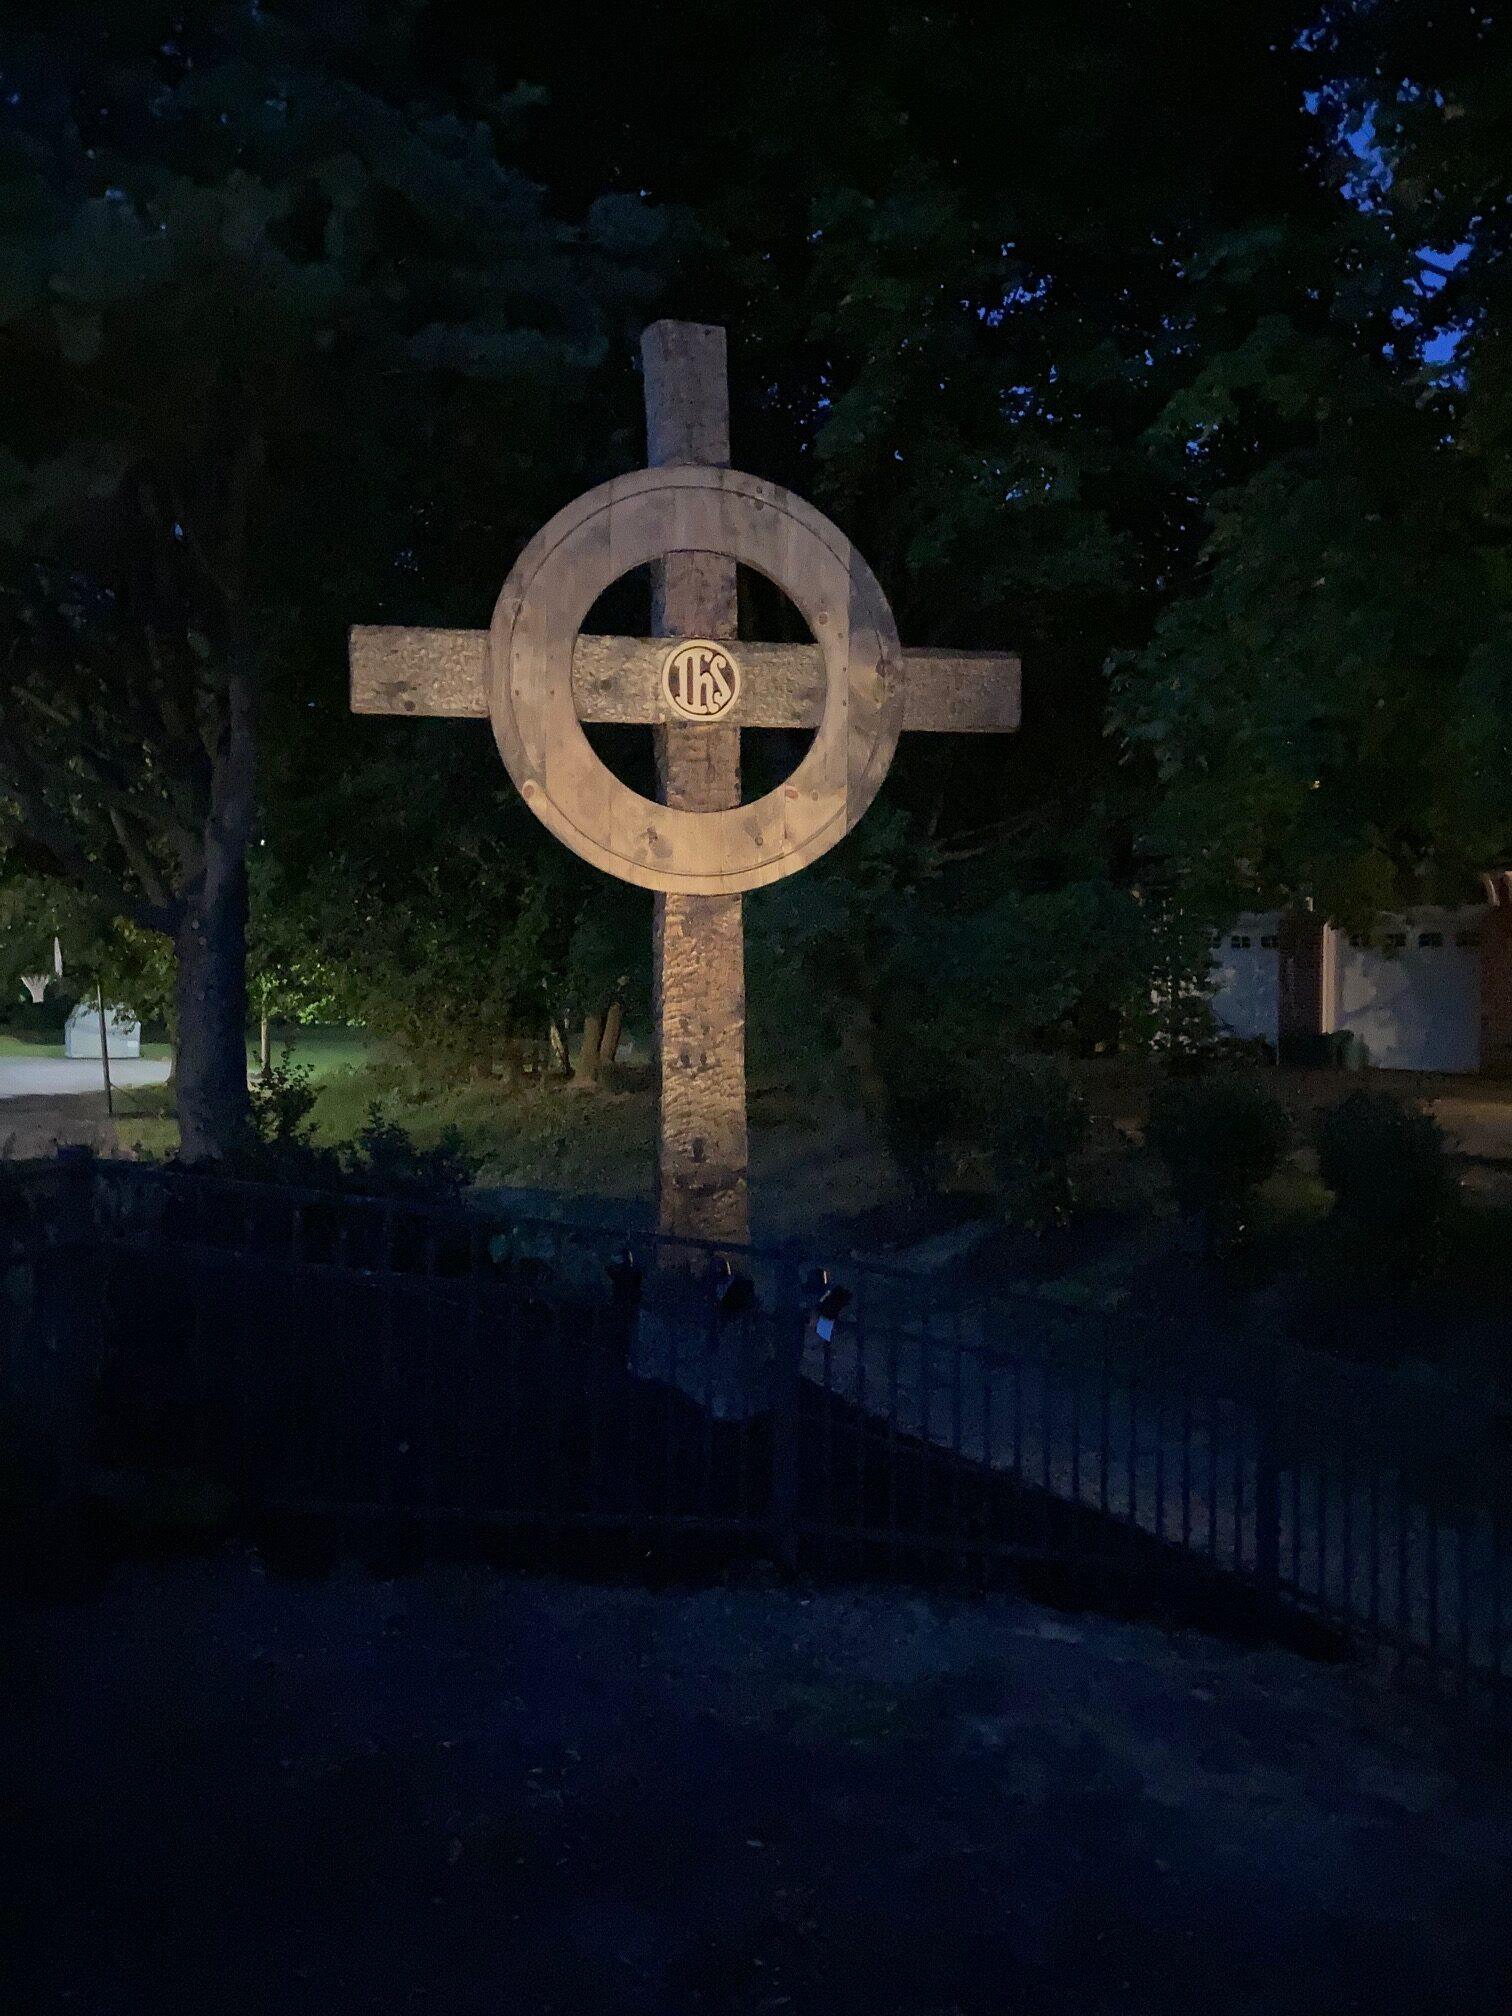 Memorial Garden Cross at Night